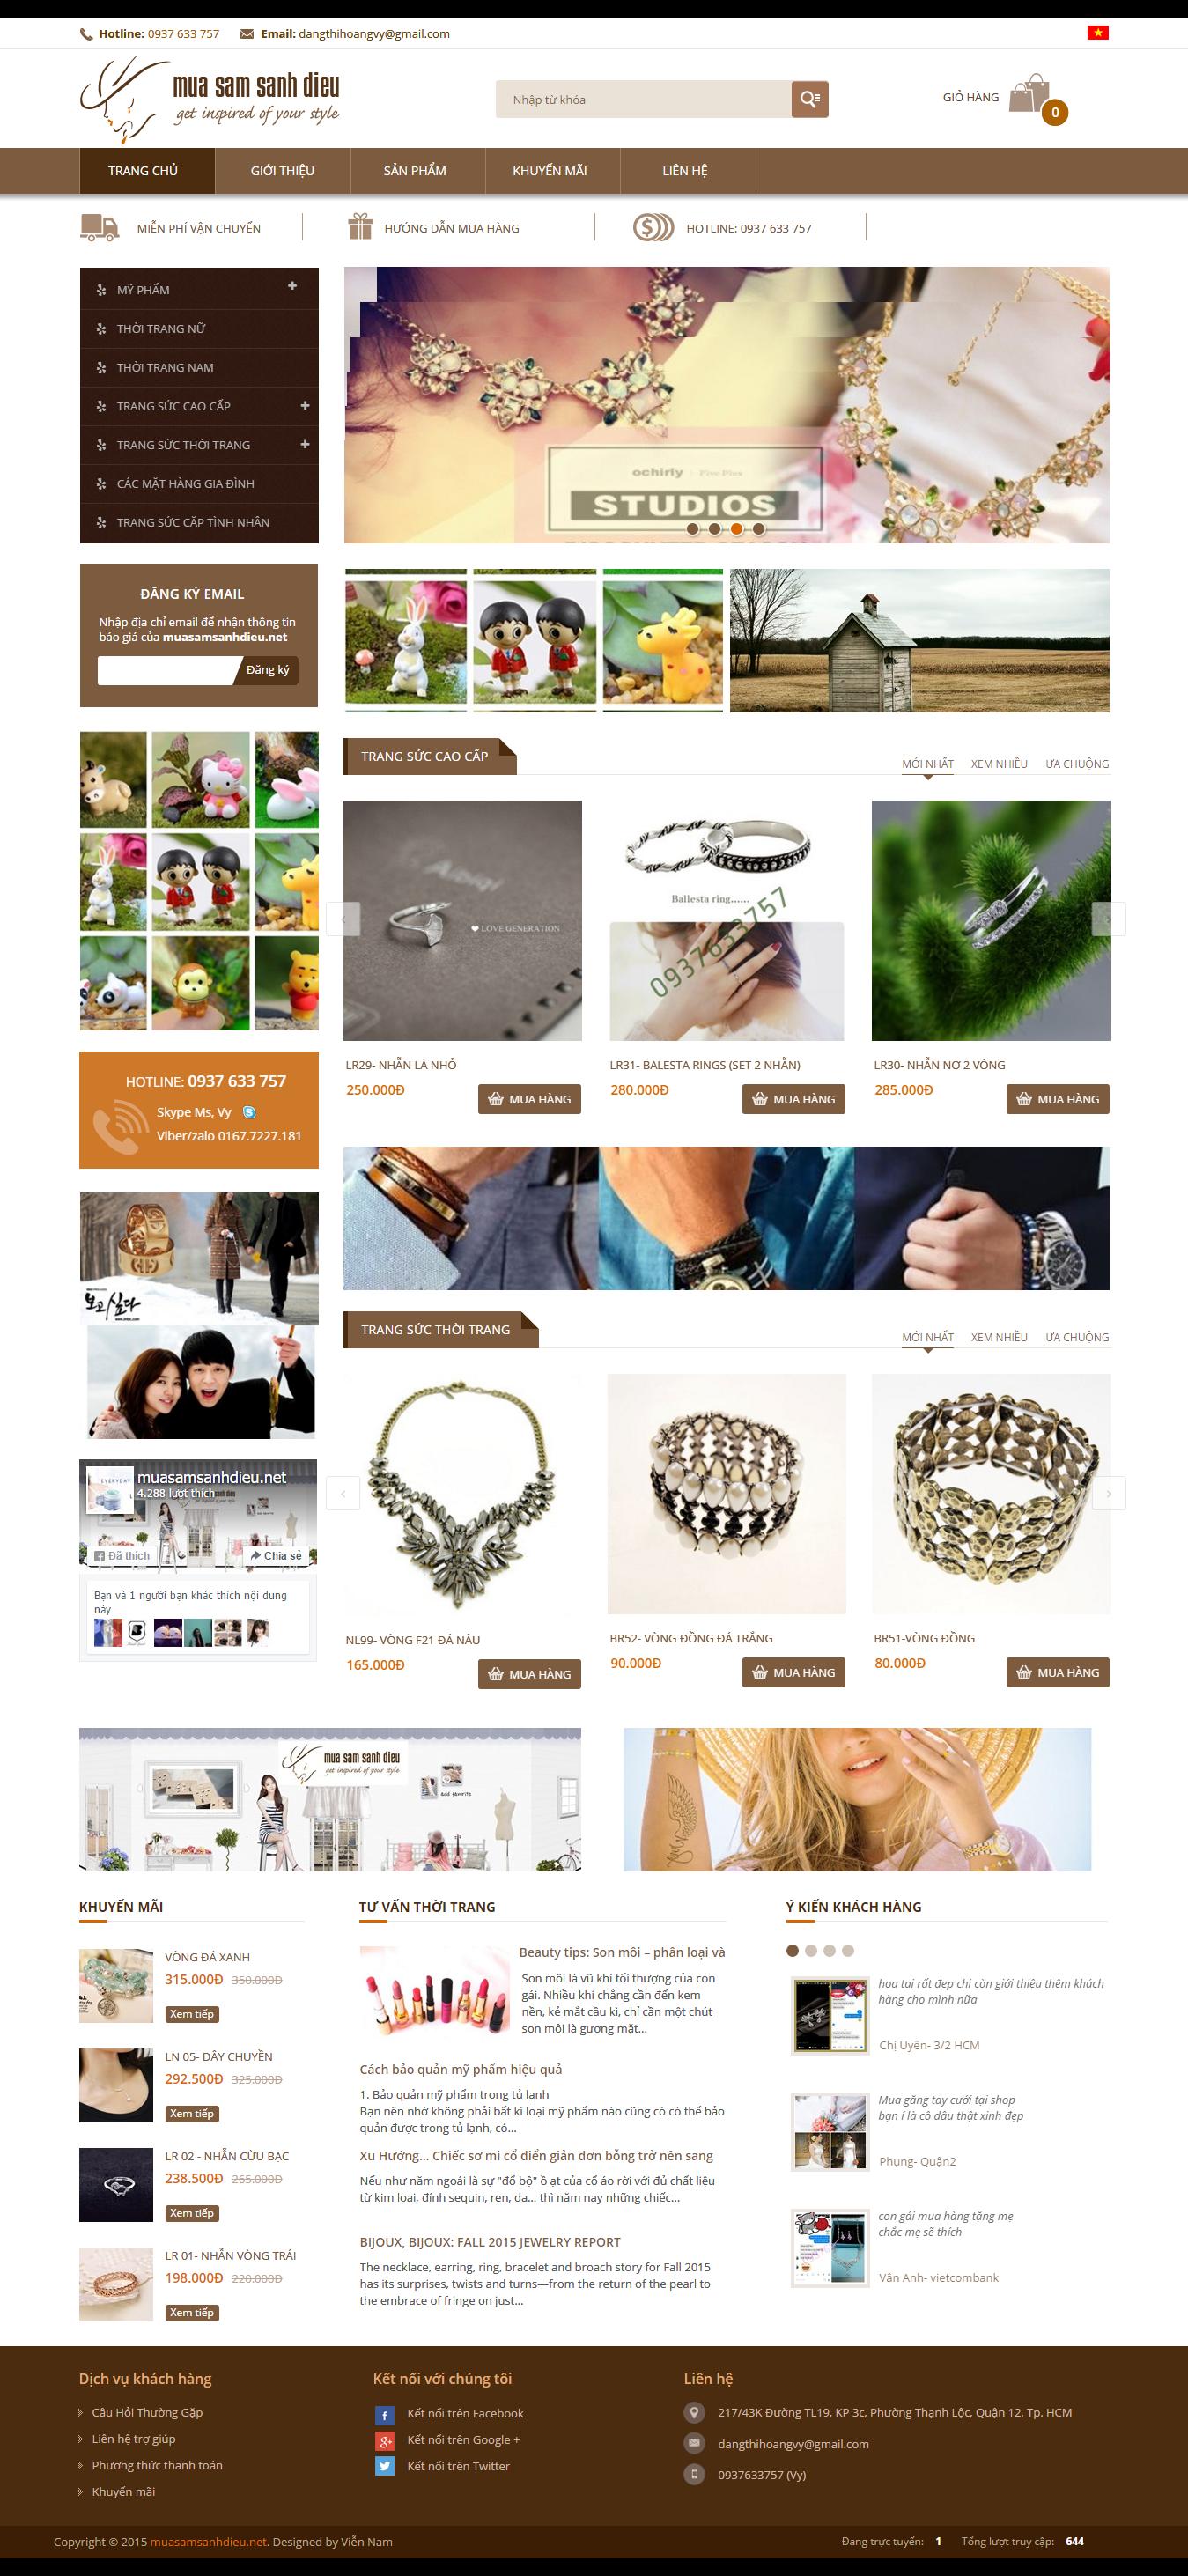 thiết kế web thời trang, thiết kế web bán hàng, thiết kế web, thời trang sành điệu, mua sấm sành điệu